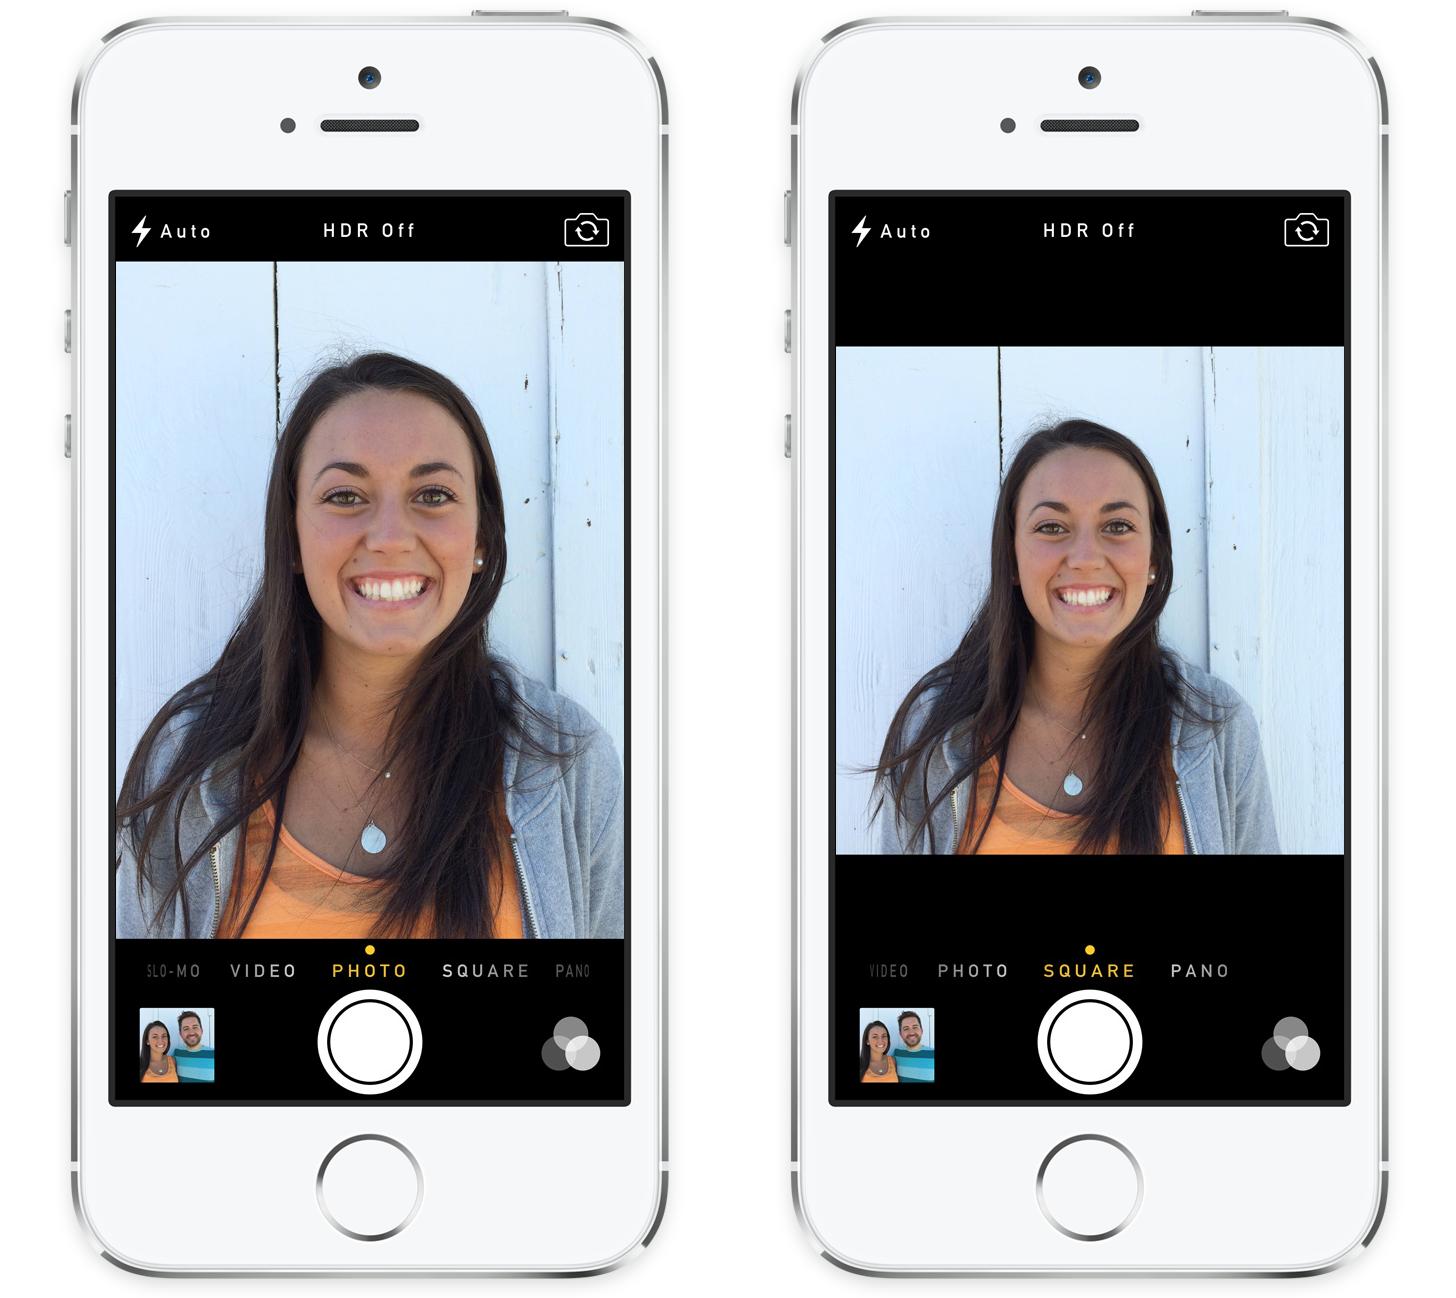 Приложение айфона для изменения фона на фото